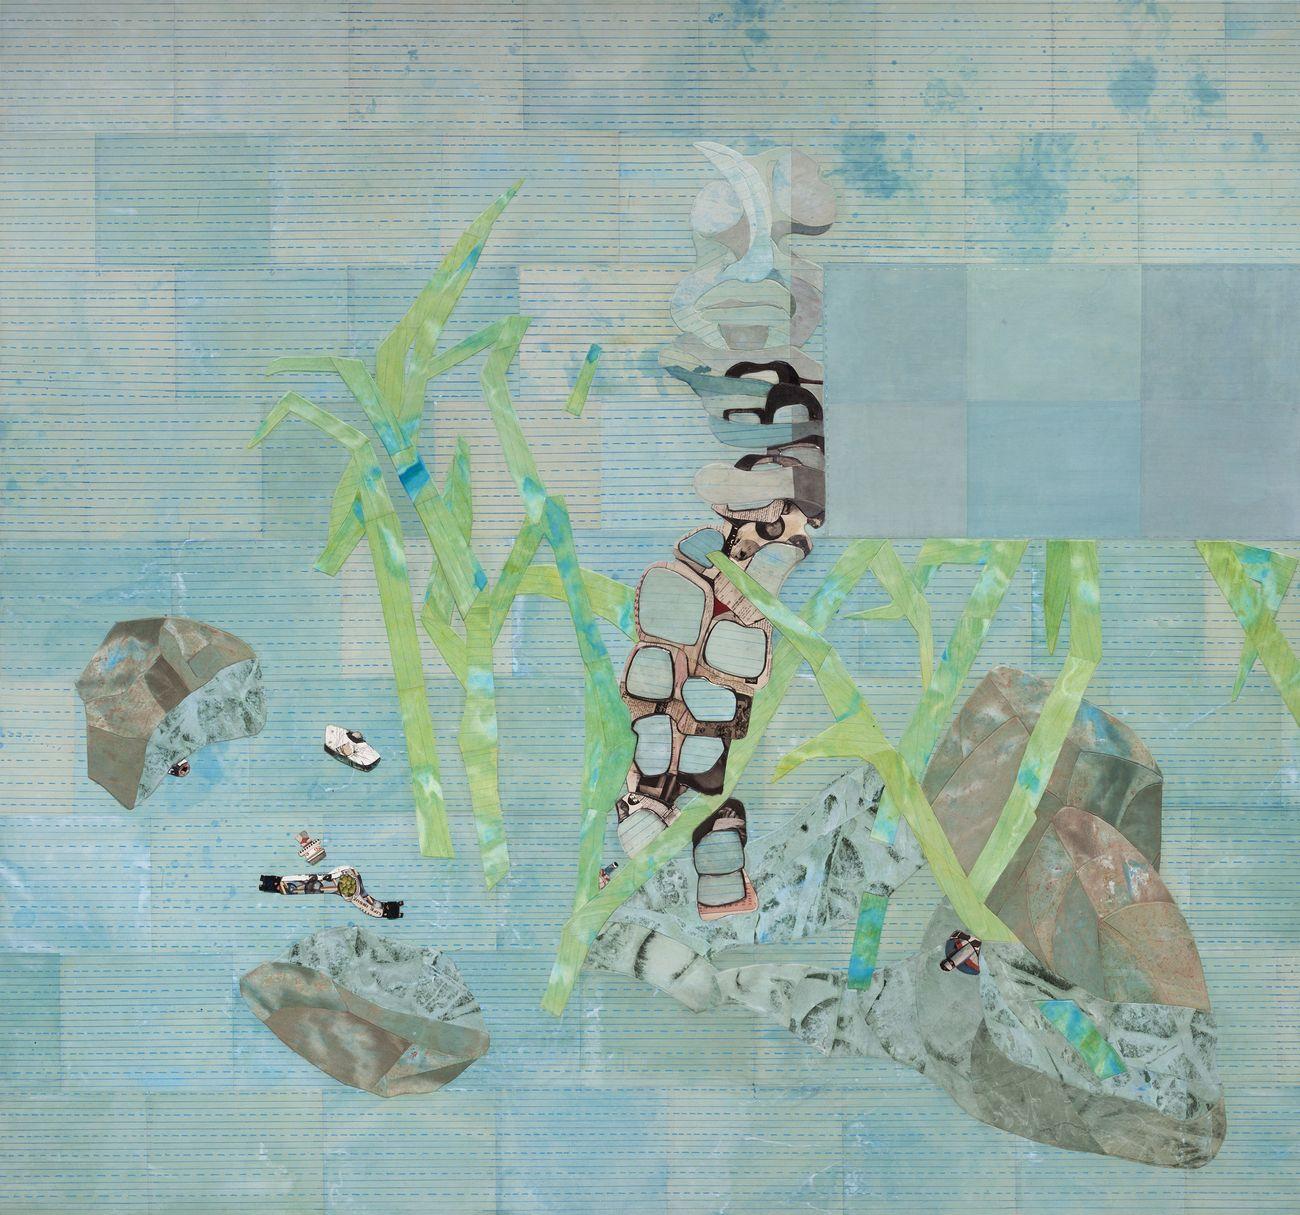 Ellen Gallagher, Dew Breaker, 2015. Collezione privata. Courtesy the artist & Hauser & Wirth